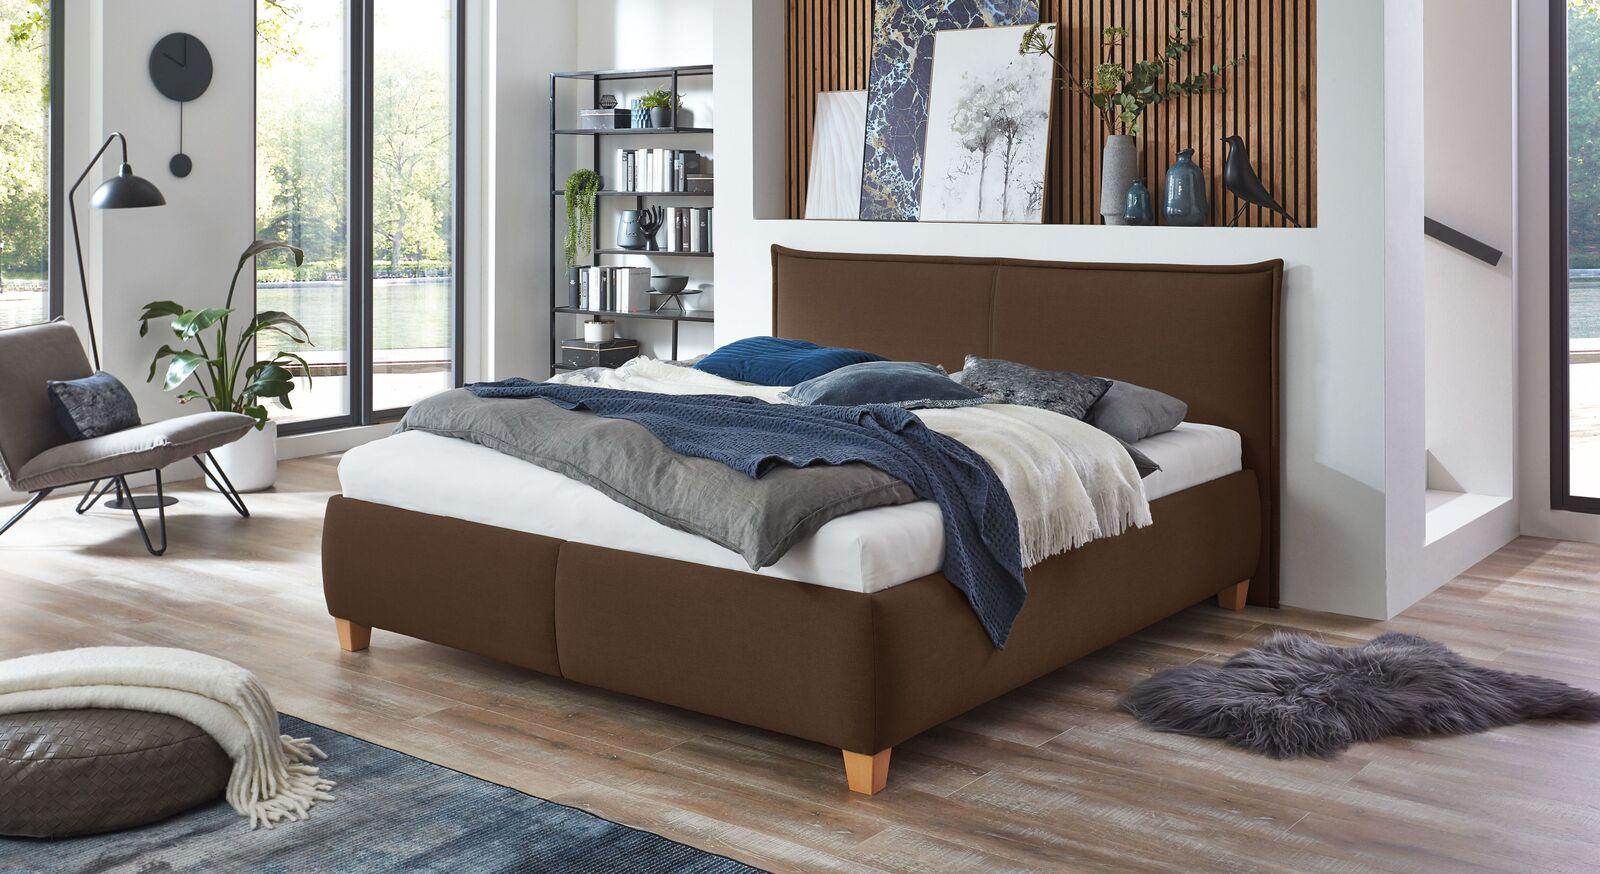 Bett Adana mit großem Bettkasten